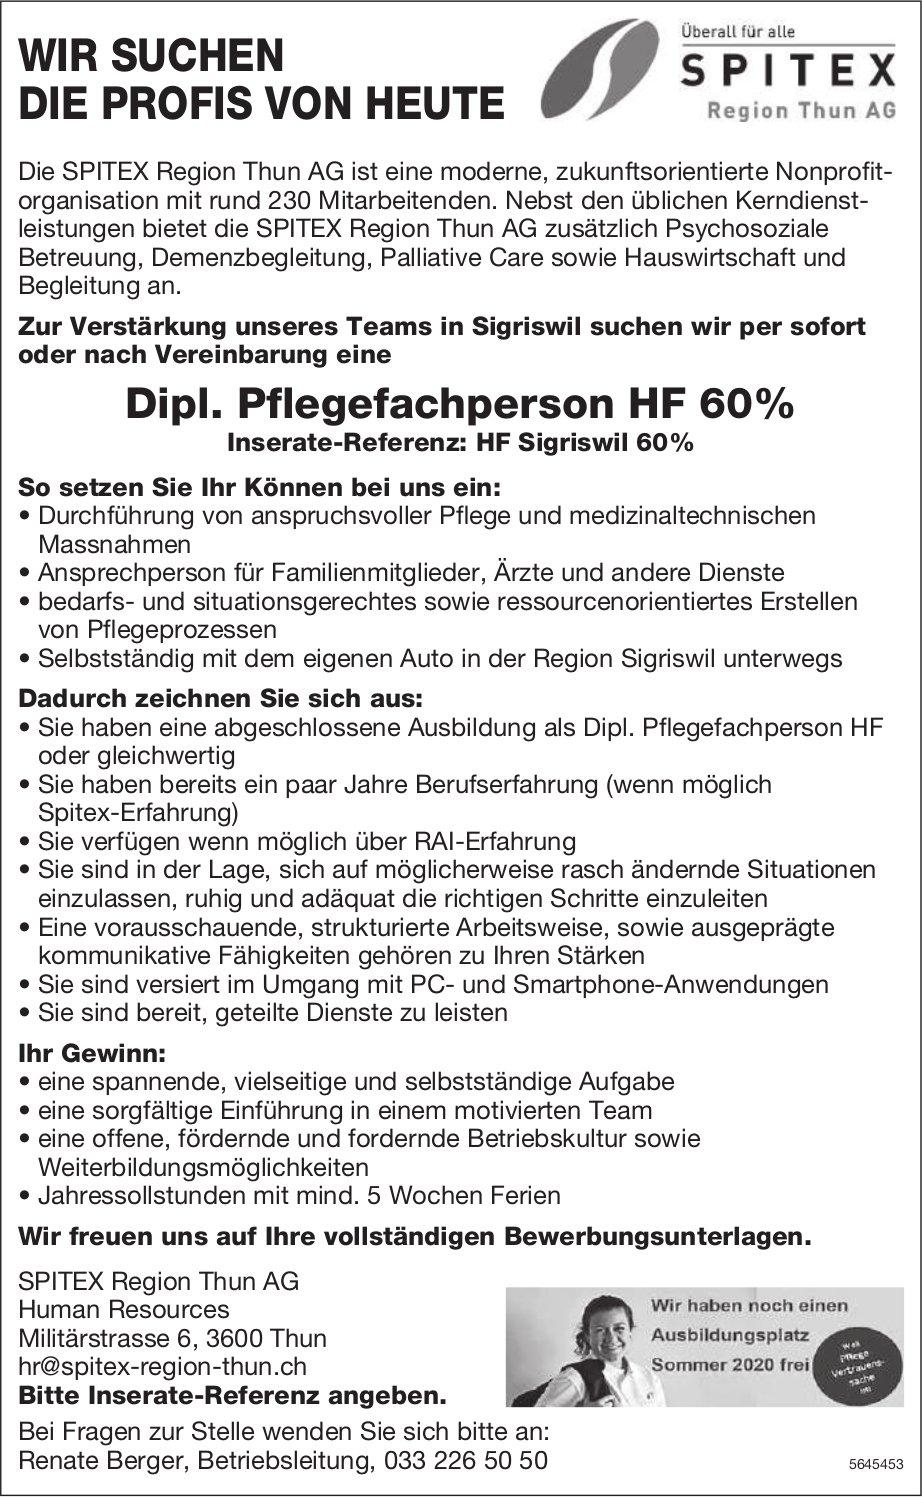 Dipl. Pflegefachperson HF 60%, SPITEX Region Thun AG, gesucht